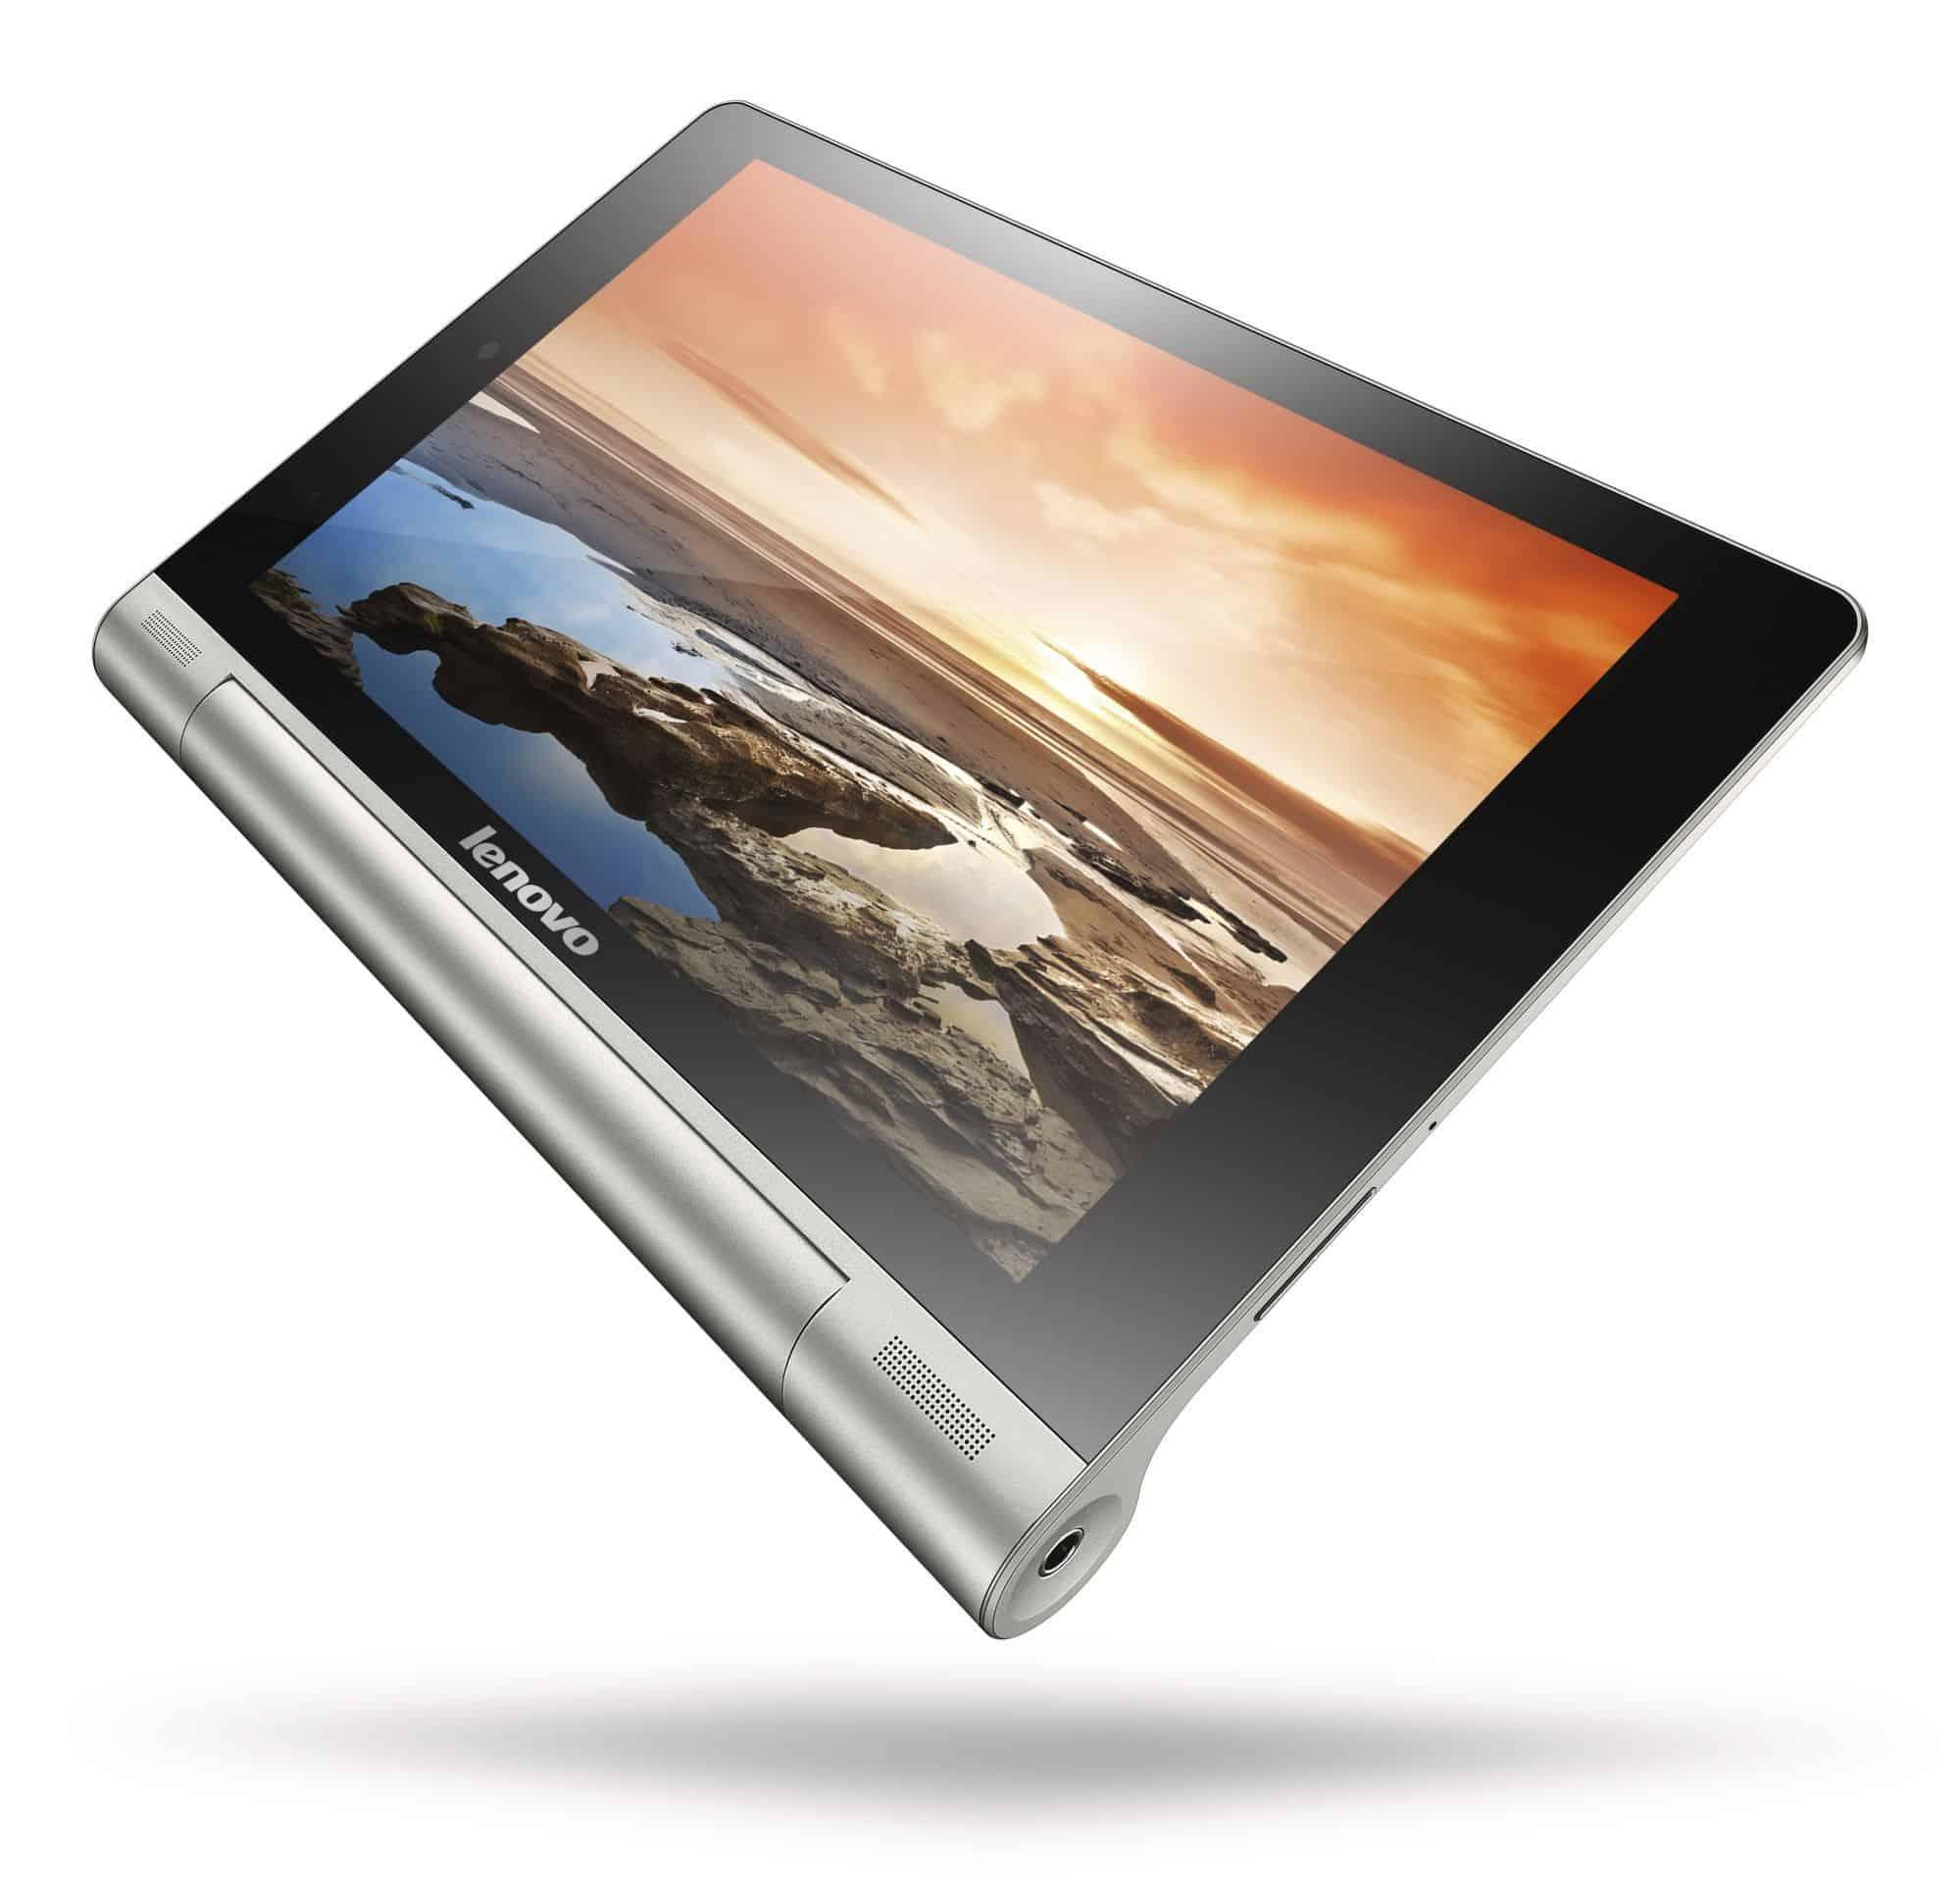 Lenovo-IdeaPad-B6000-F-03